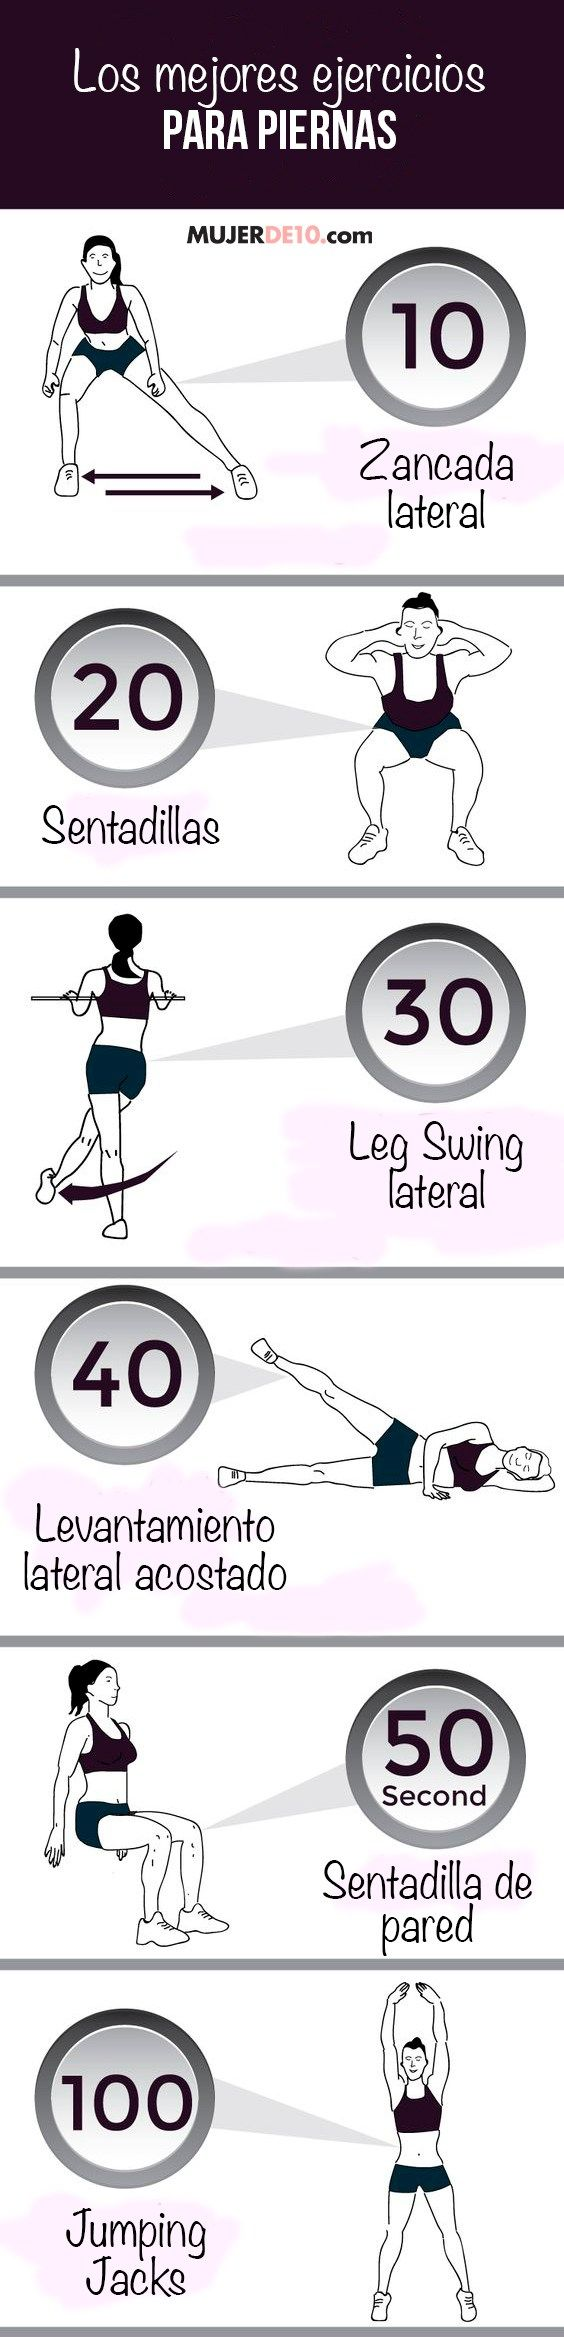 los-mejores-ejercicios-para-piernas-de-envidia